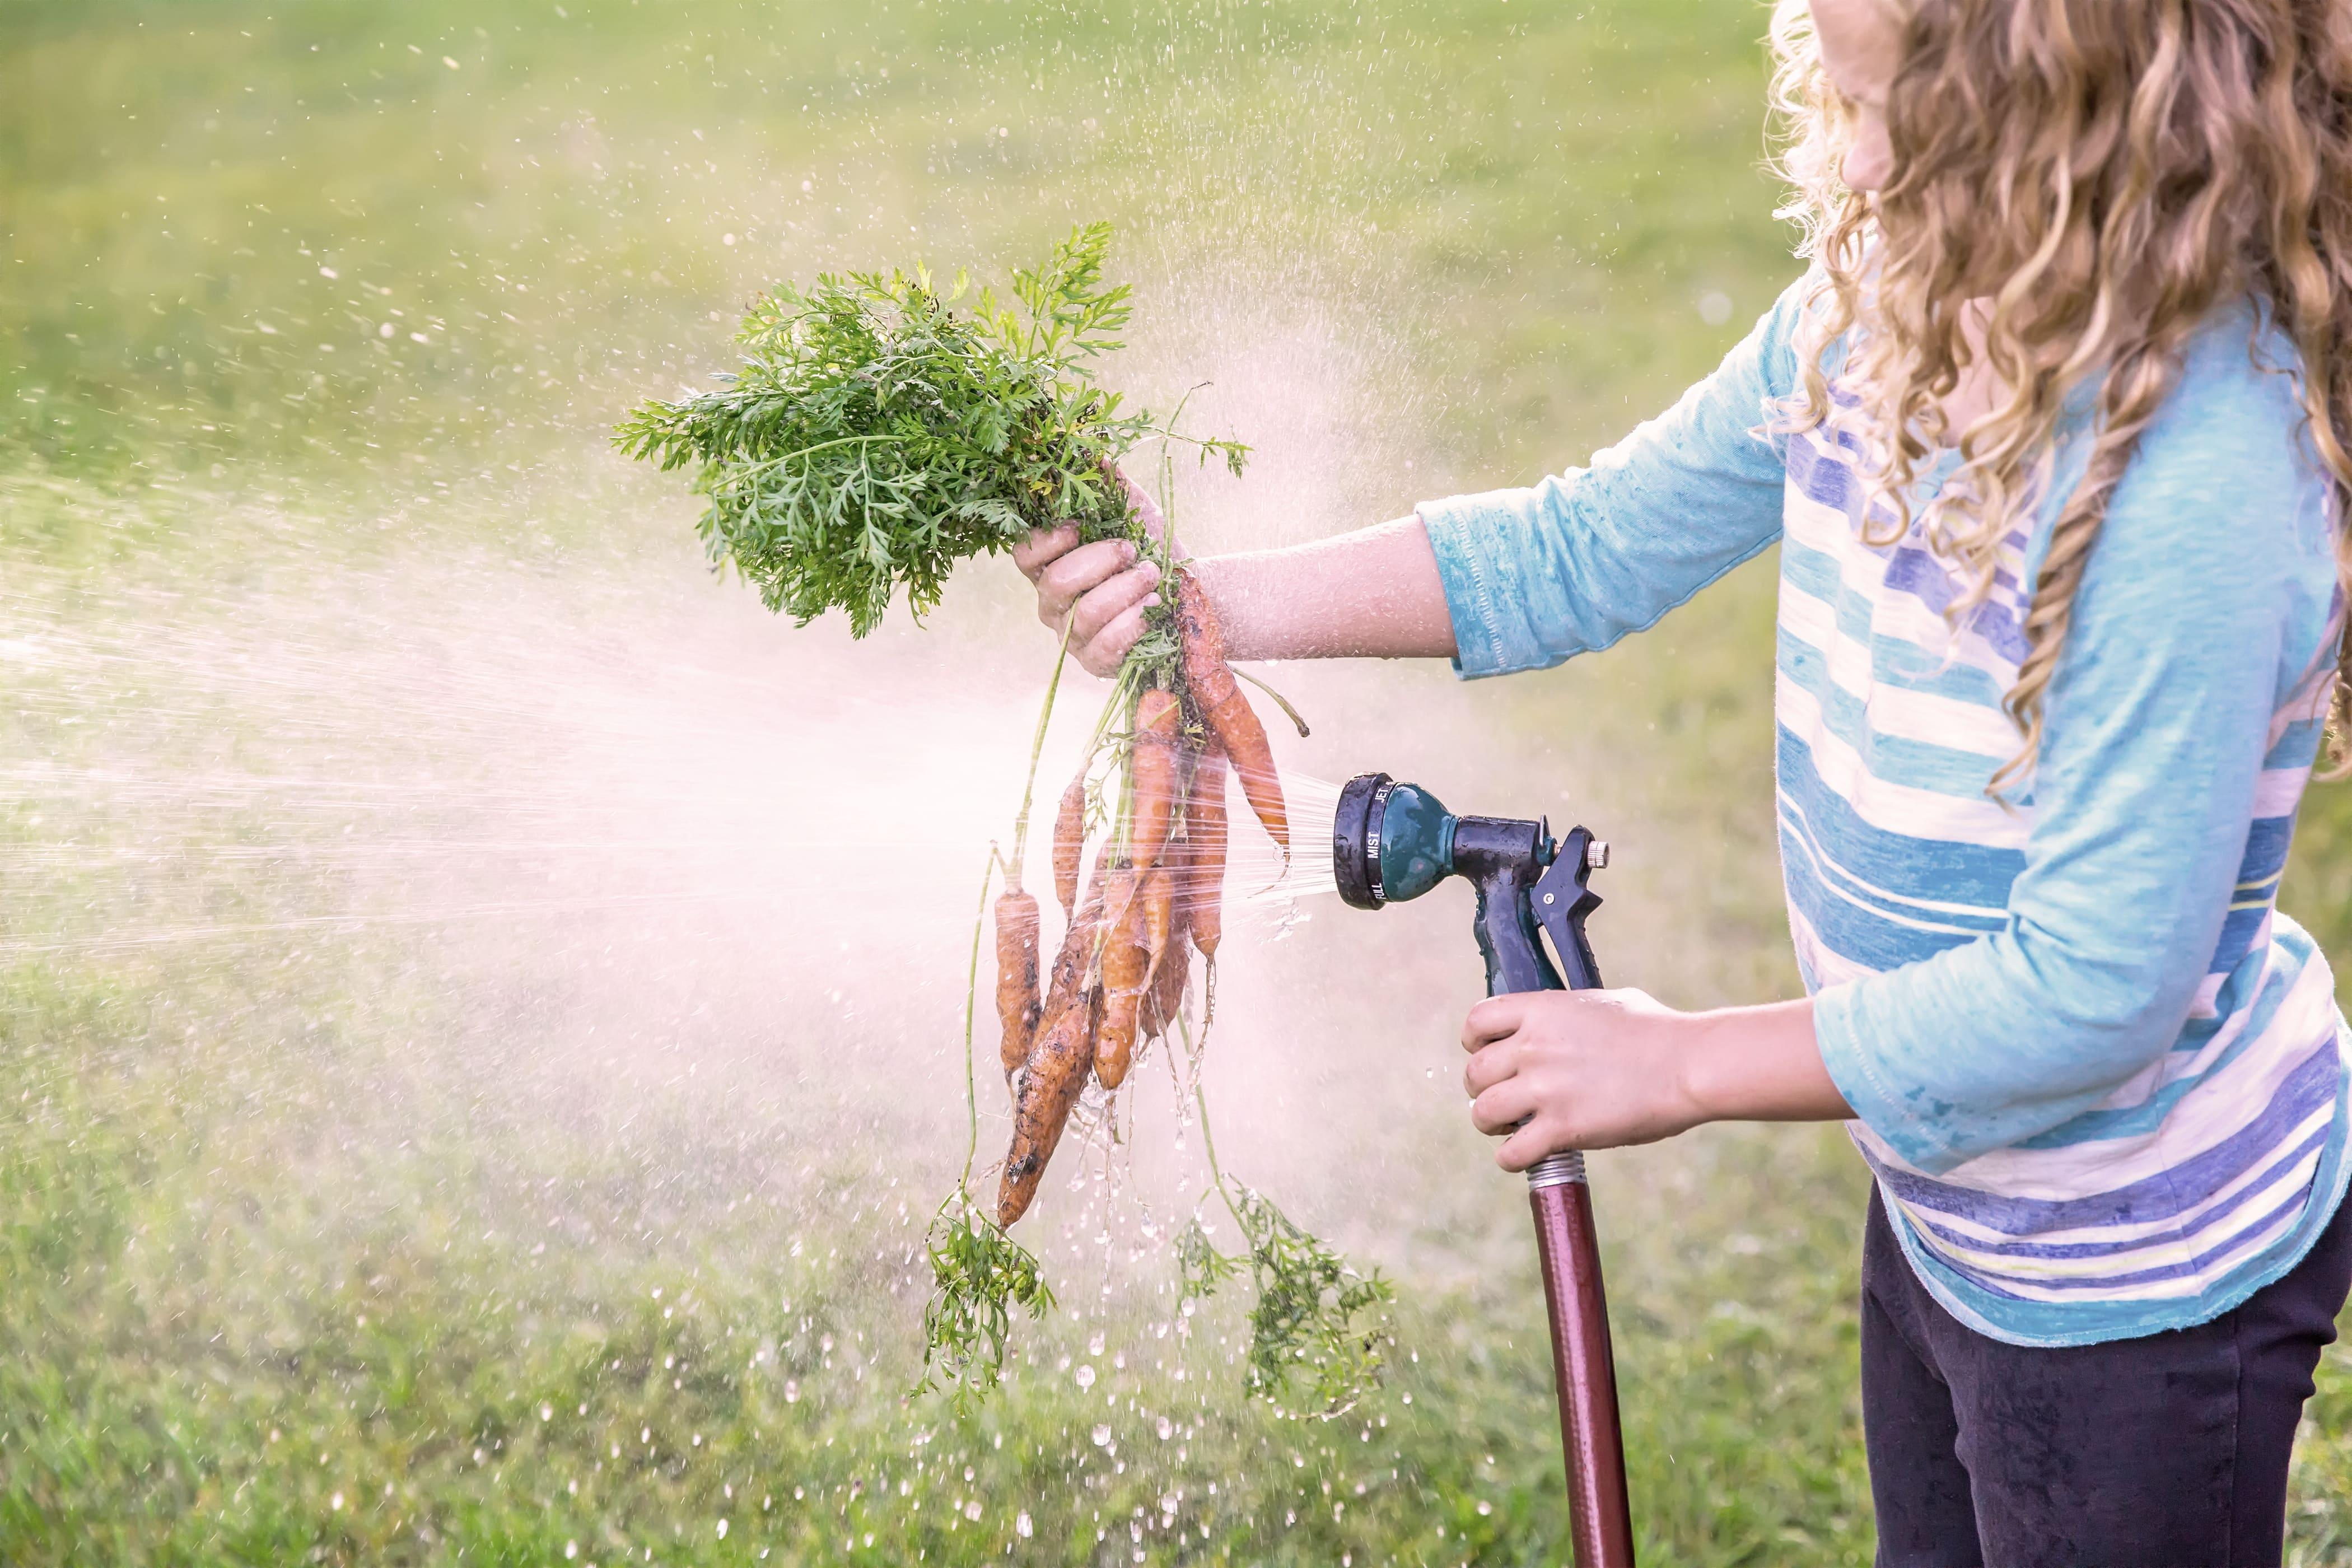 Wussten Sie…dass das meiste Wasser weltweit nicht im Haushalt verbraucht wird? Etwa 70% des Wassers verwendet die Landwirtschaft.